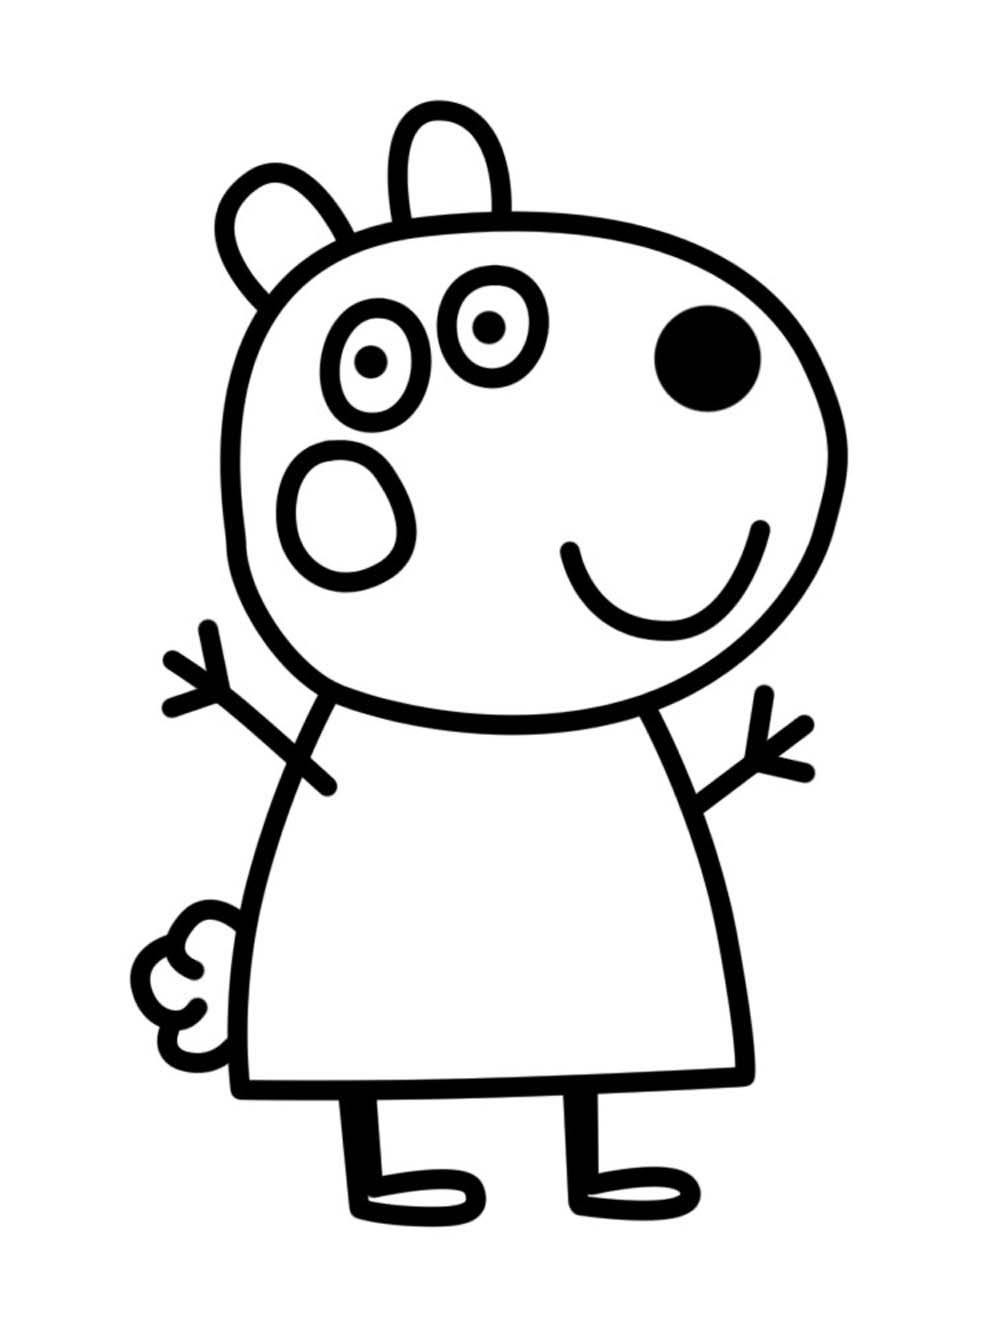 Imagenes De Peppa Pig Para Colorear Dibujos De